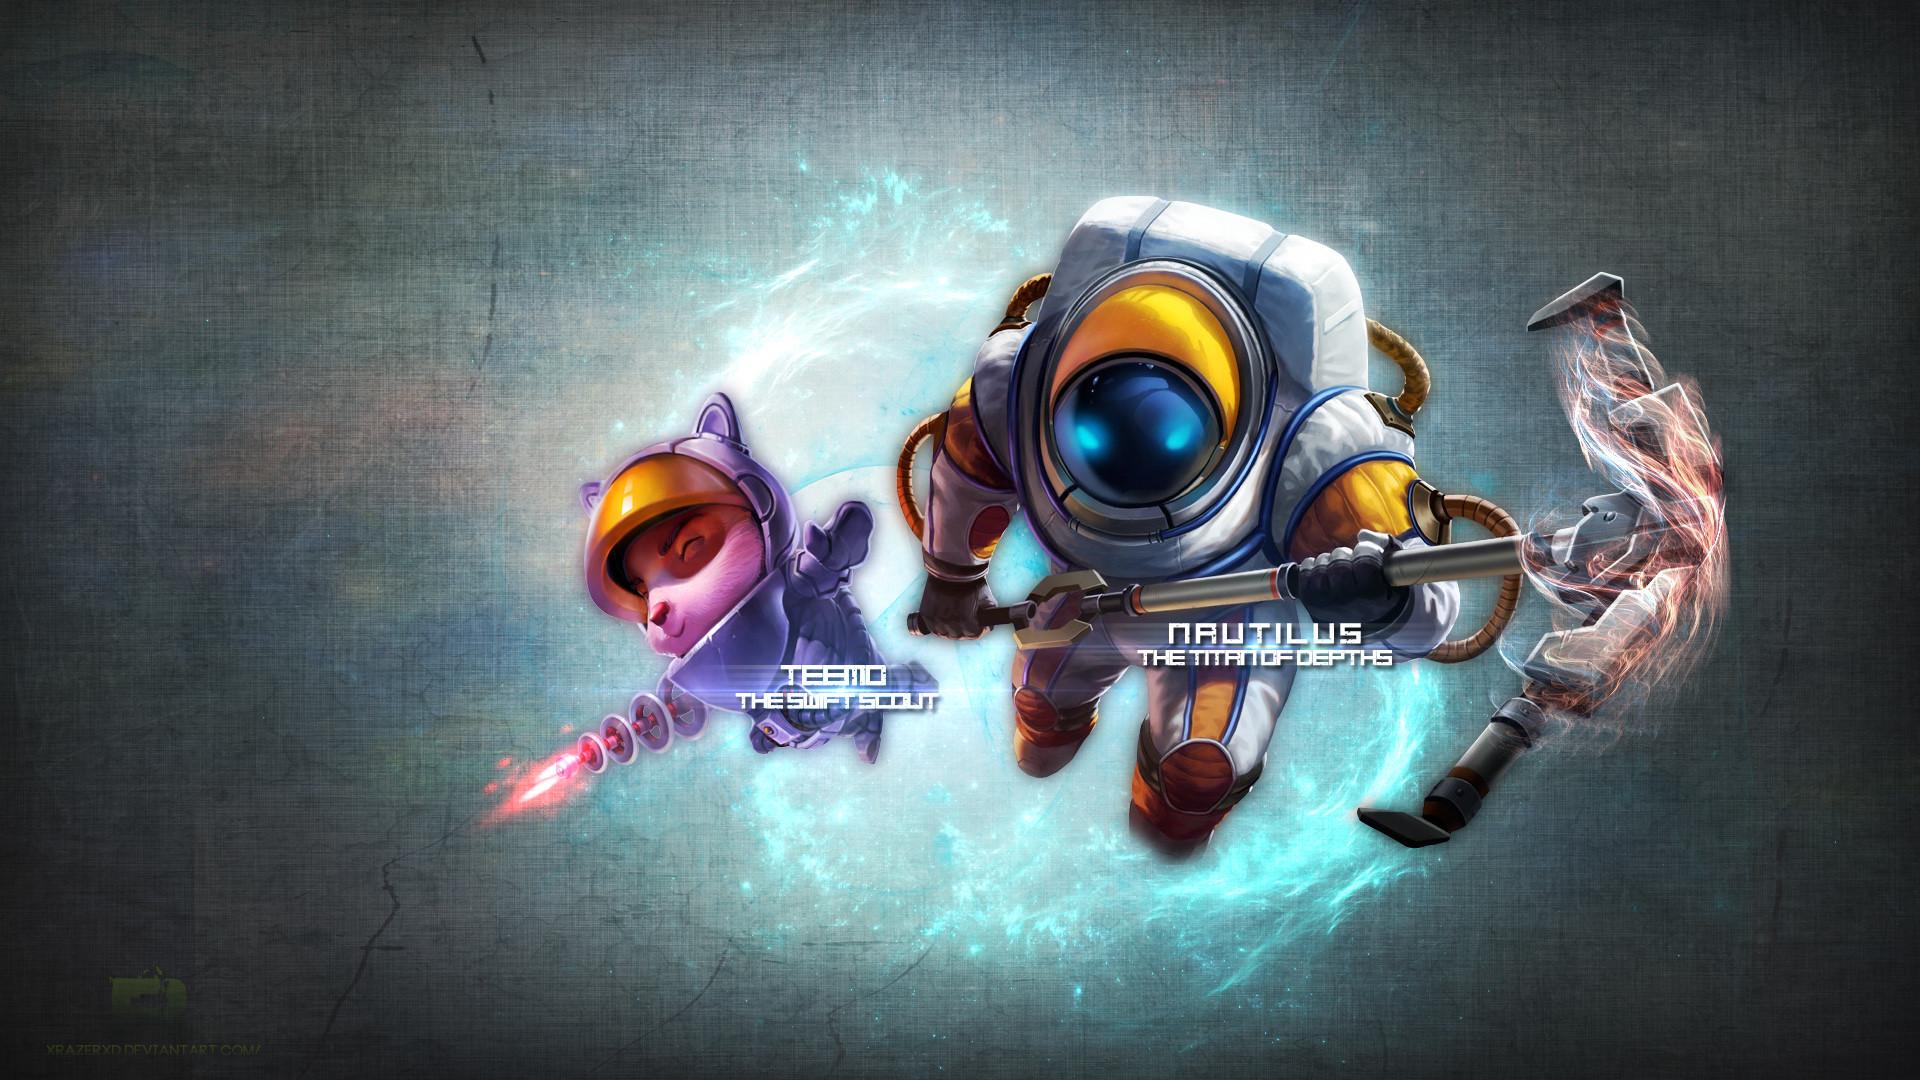 AstroNautilus & Astronaut Teemo by xRazerxD HD Wallpaper Fan Artwork League  of Legends lol